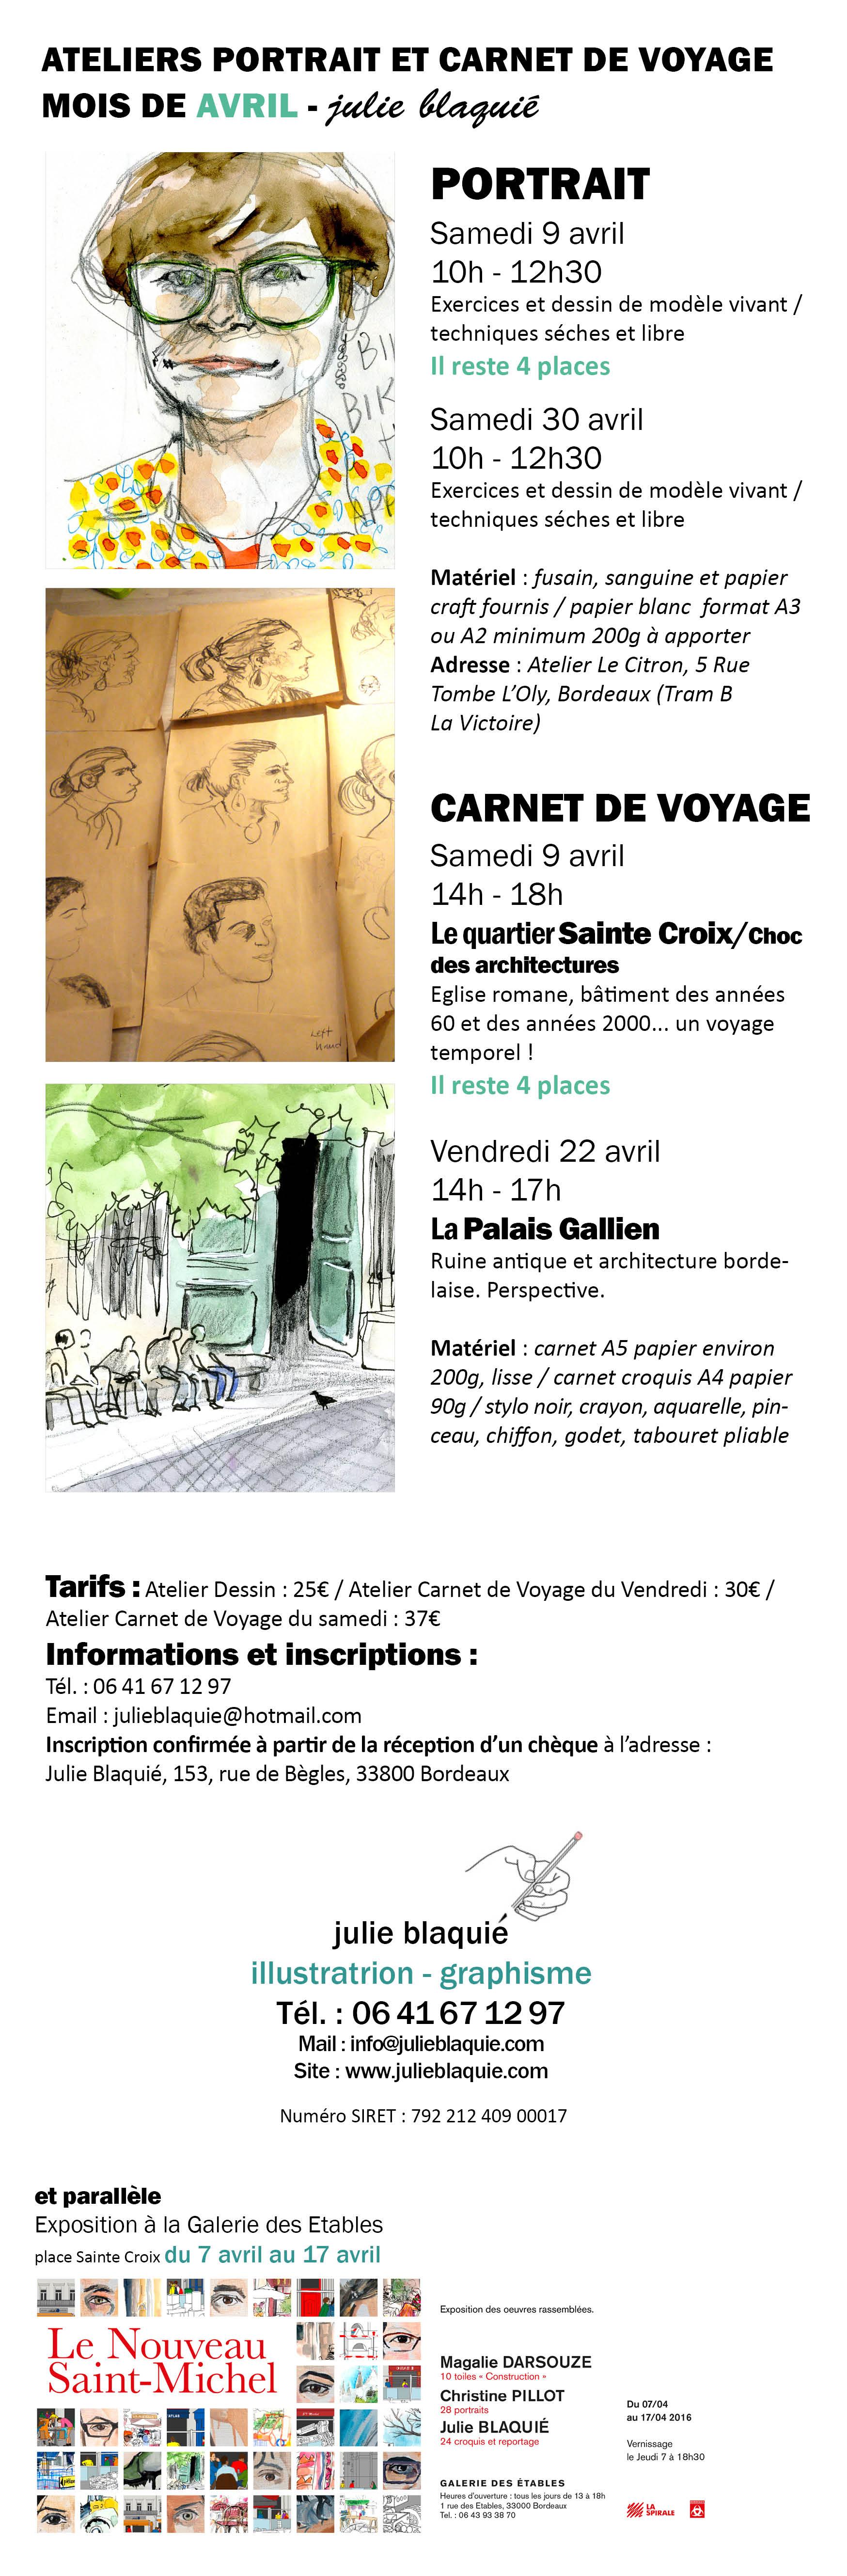 julie blaquié, atelier dessin, atelier carnet de voyage, portrait, aquarelle, fusain